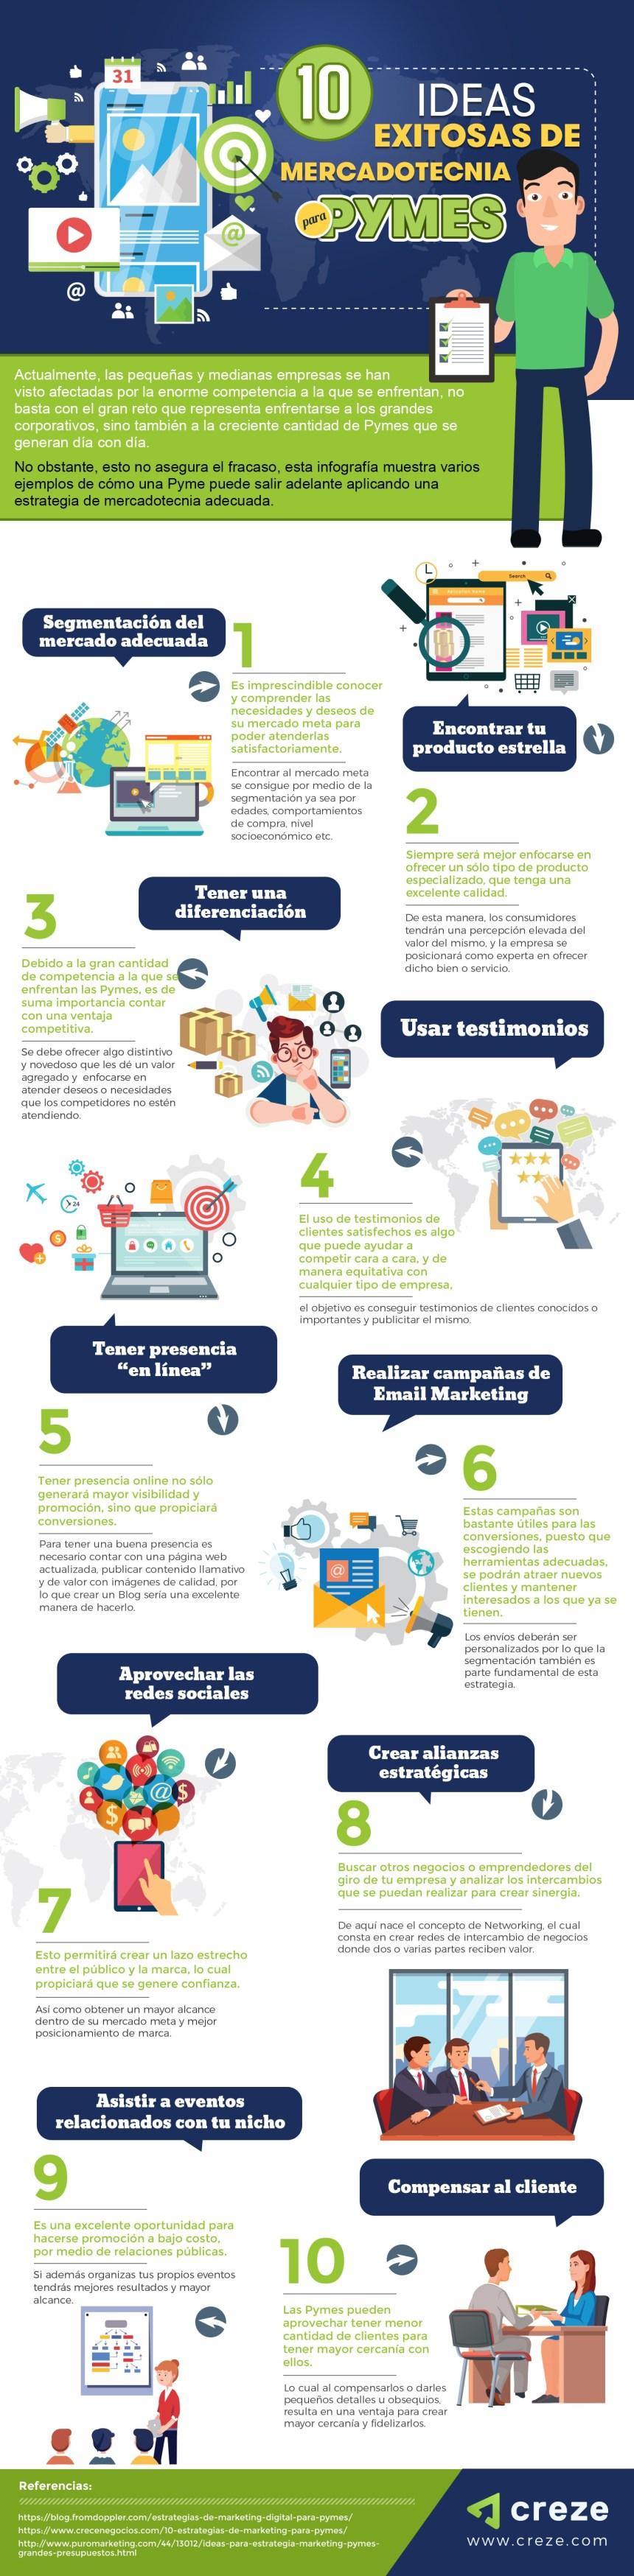 10 ideas de marketing exitosas para pymes